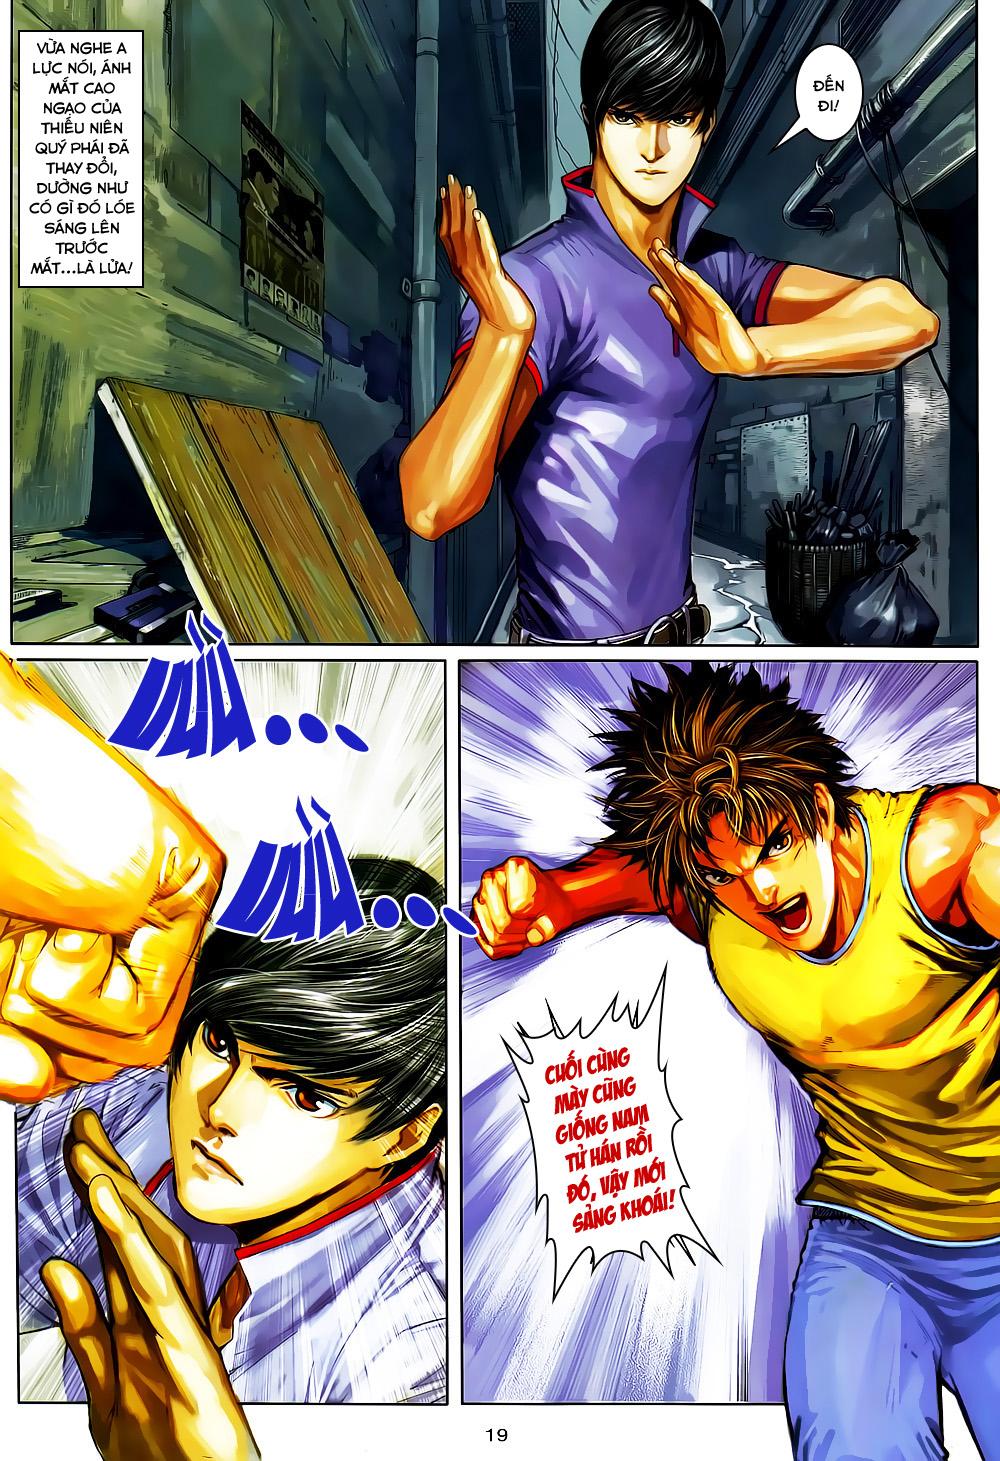 Quyền Đạo chapter 4 trang 19